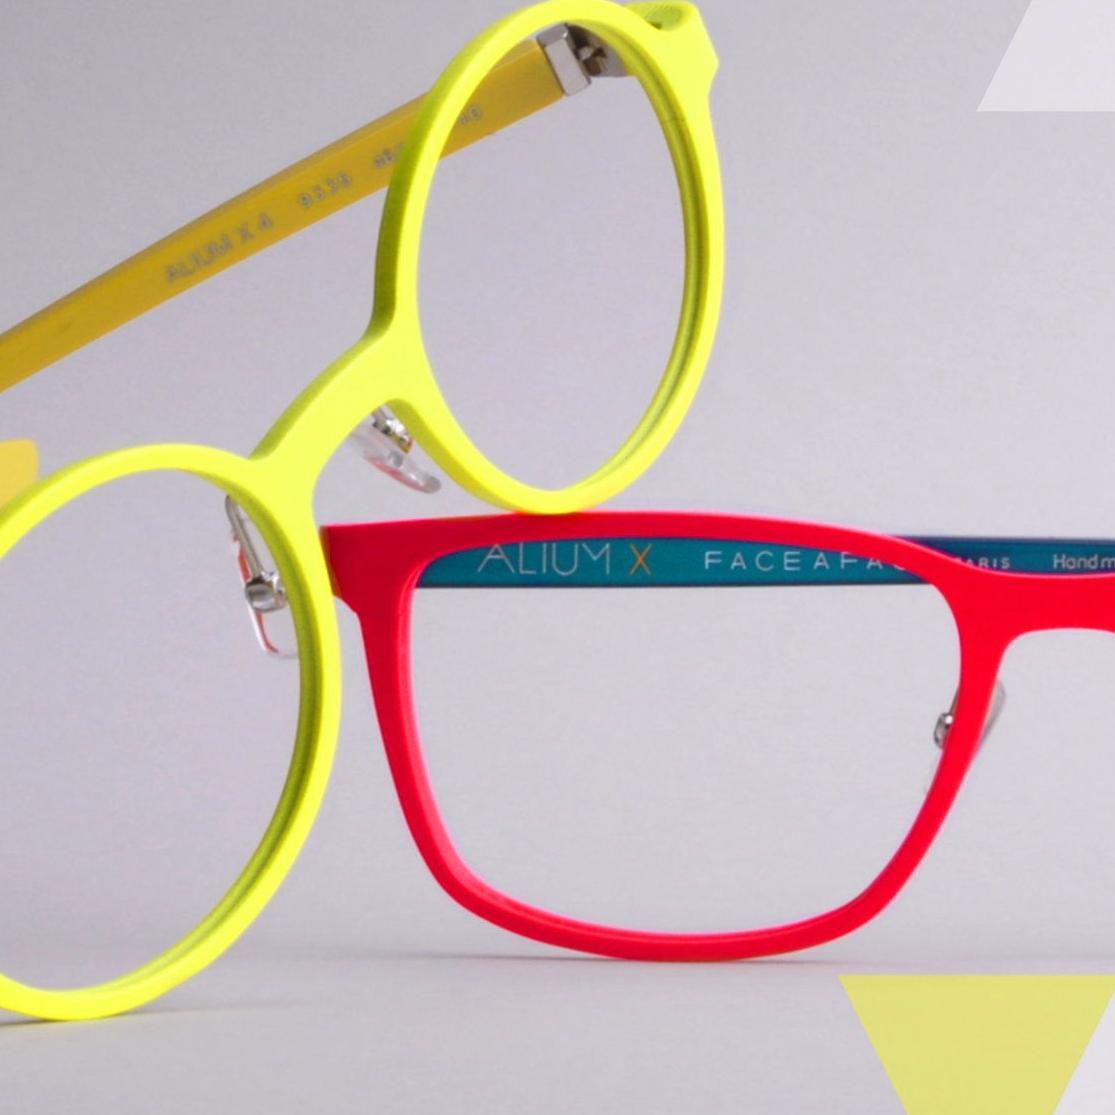 Alium eyewear